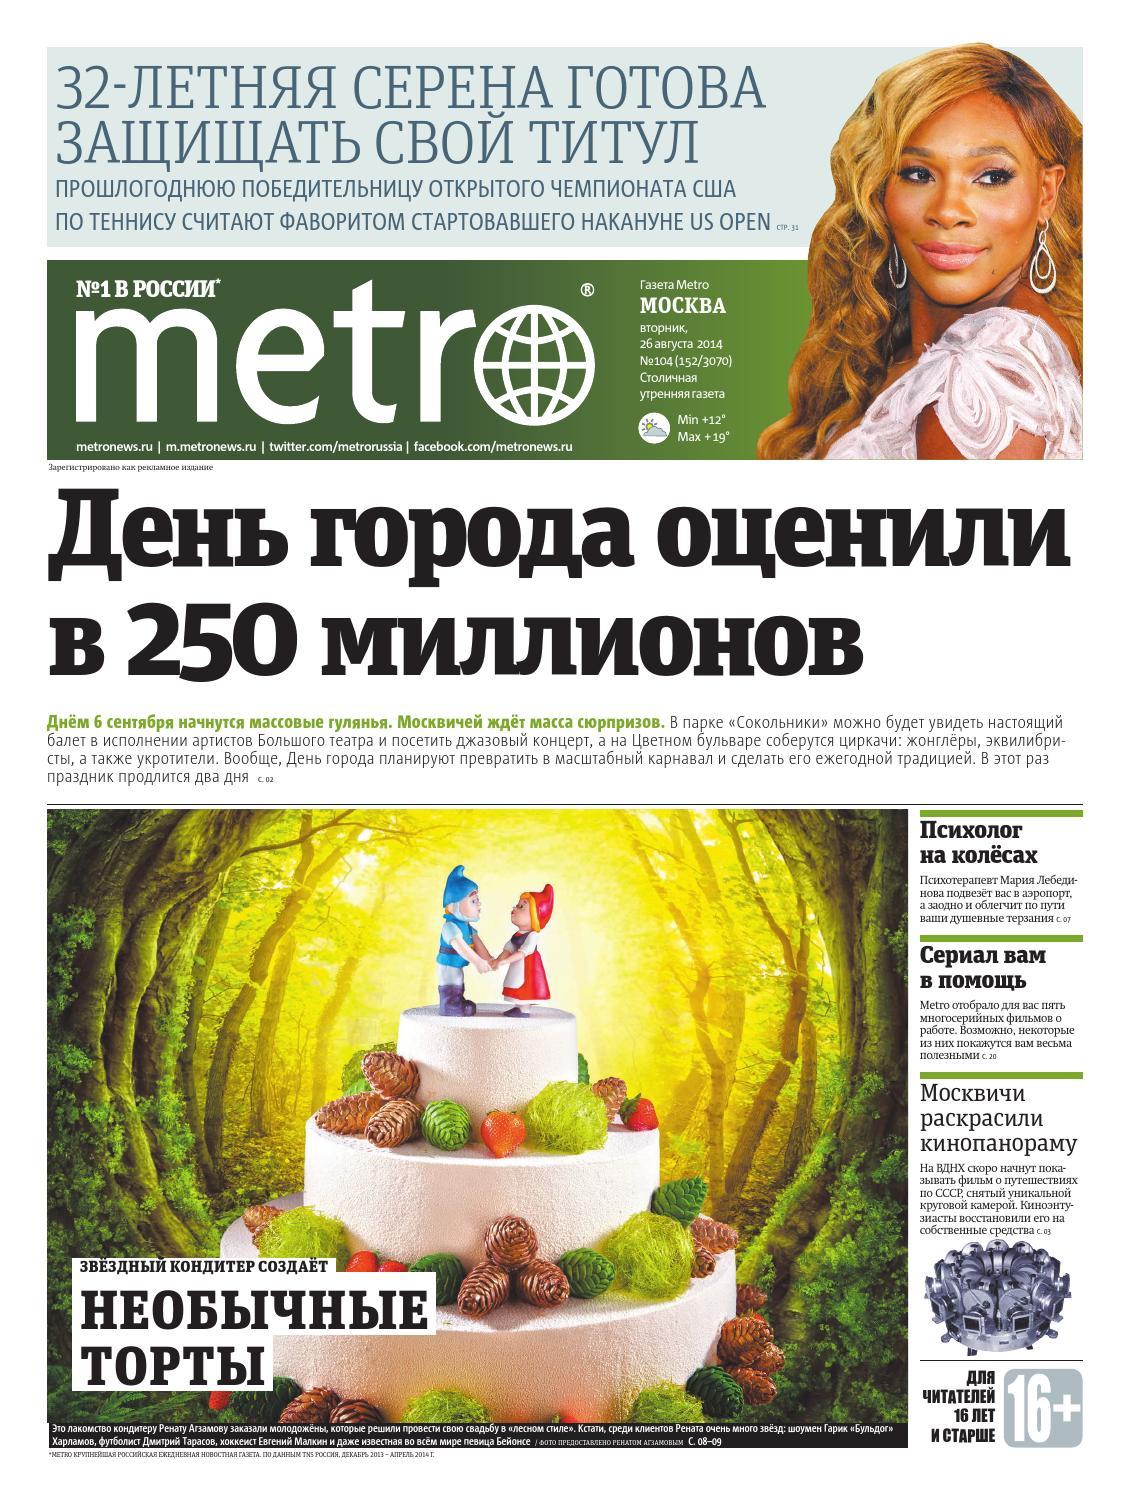 Необычный торт подарили Гарику Харламову на его день рождения